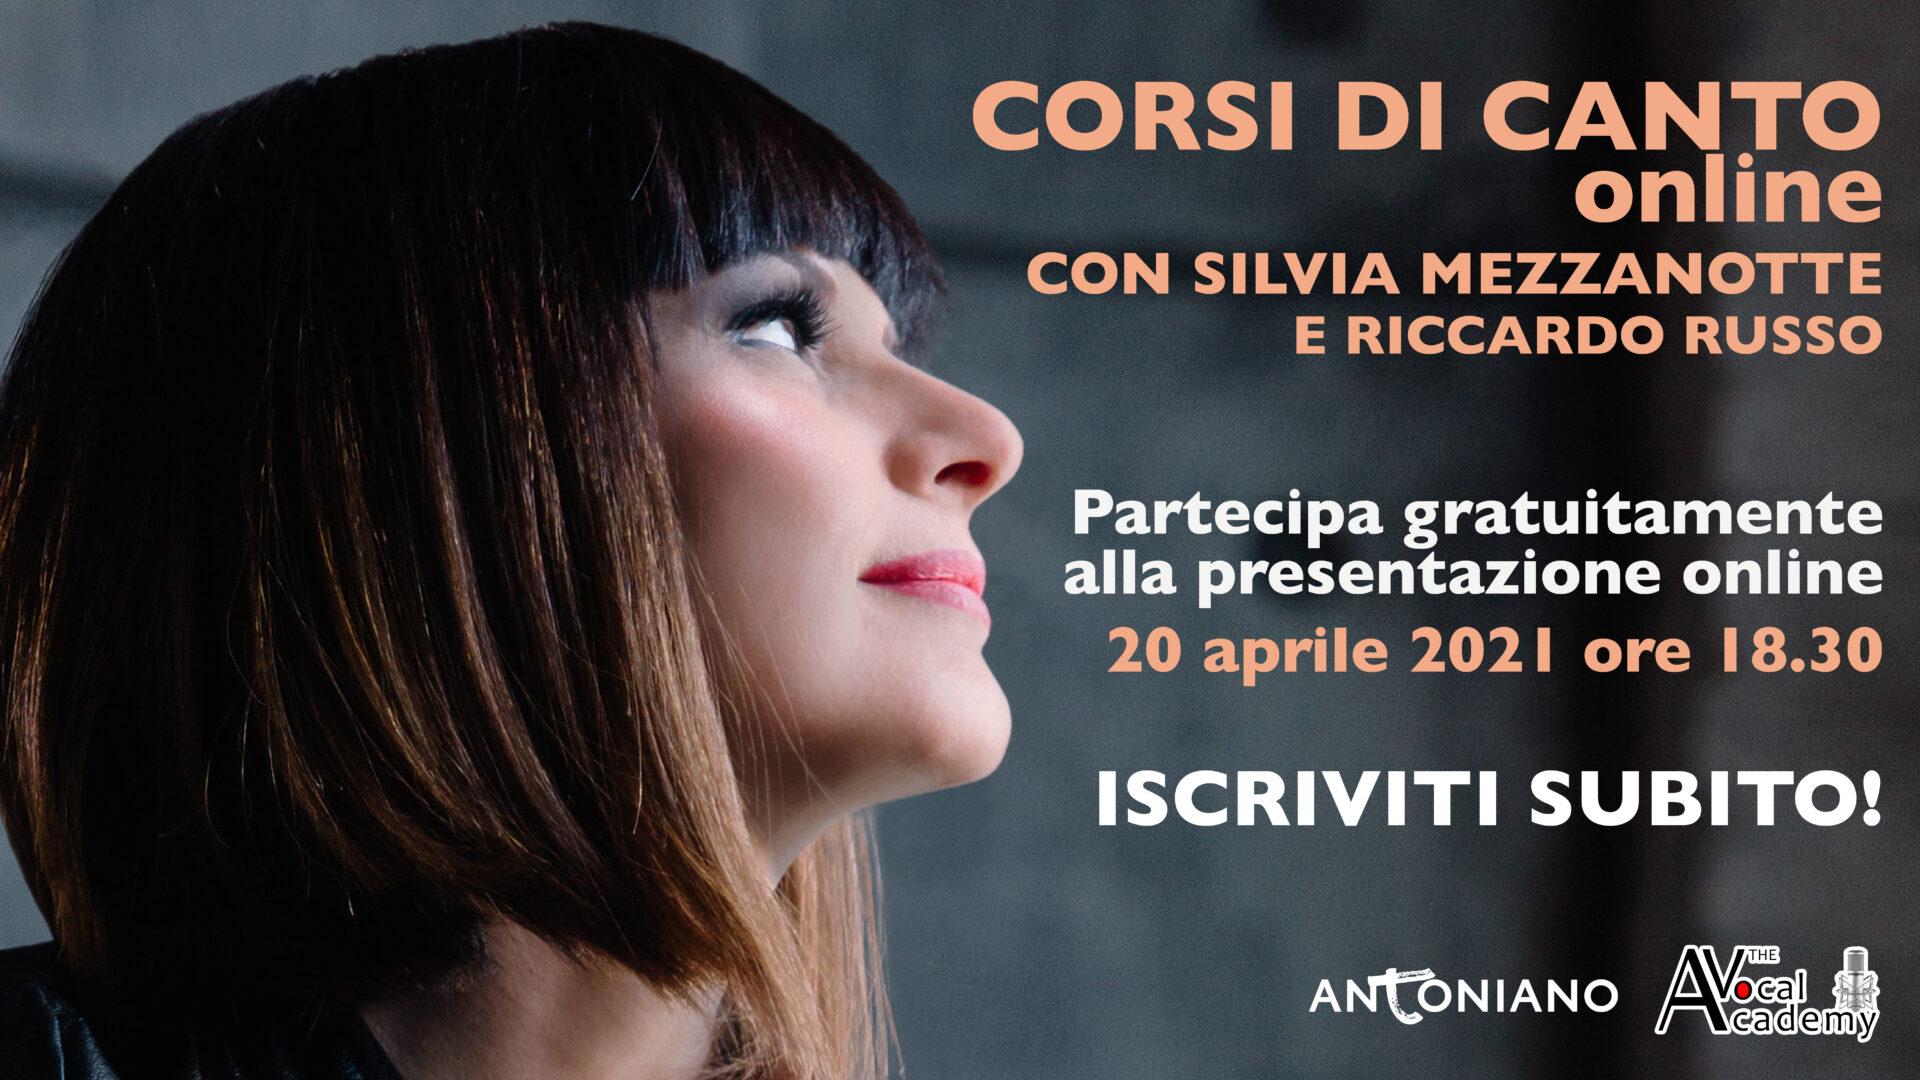 Silvia Mezzanotte - Corso di canto